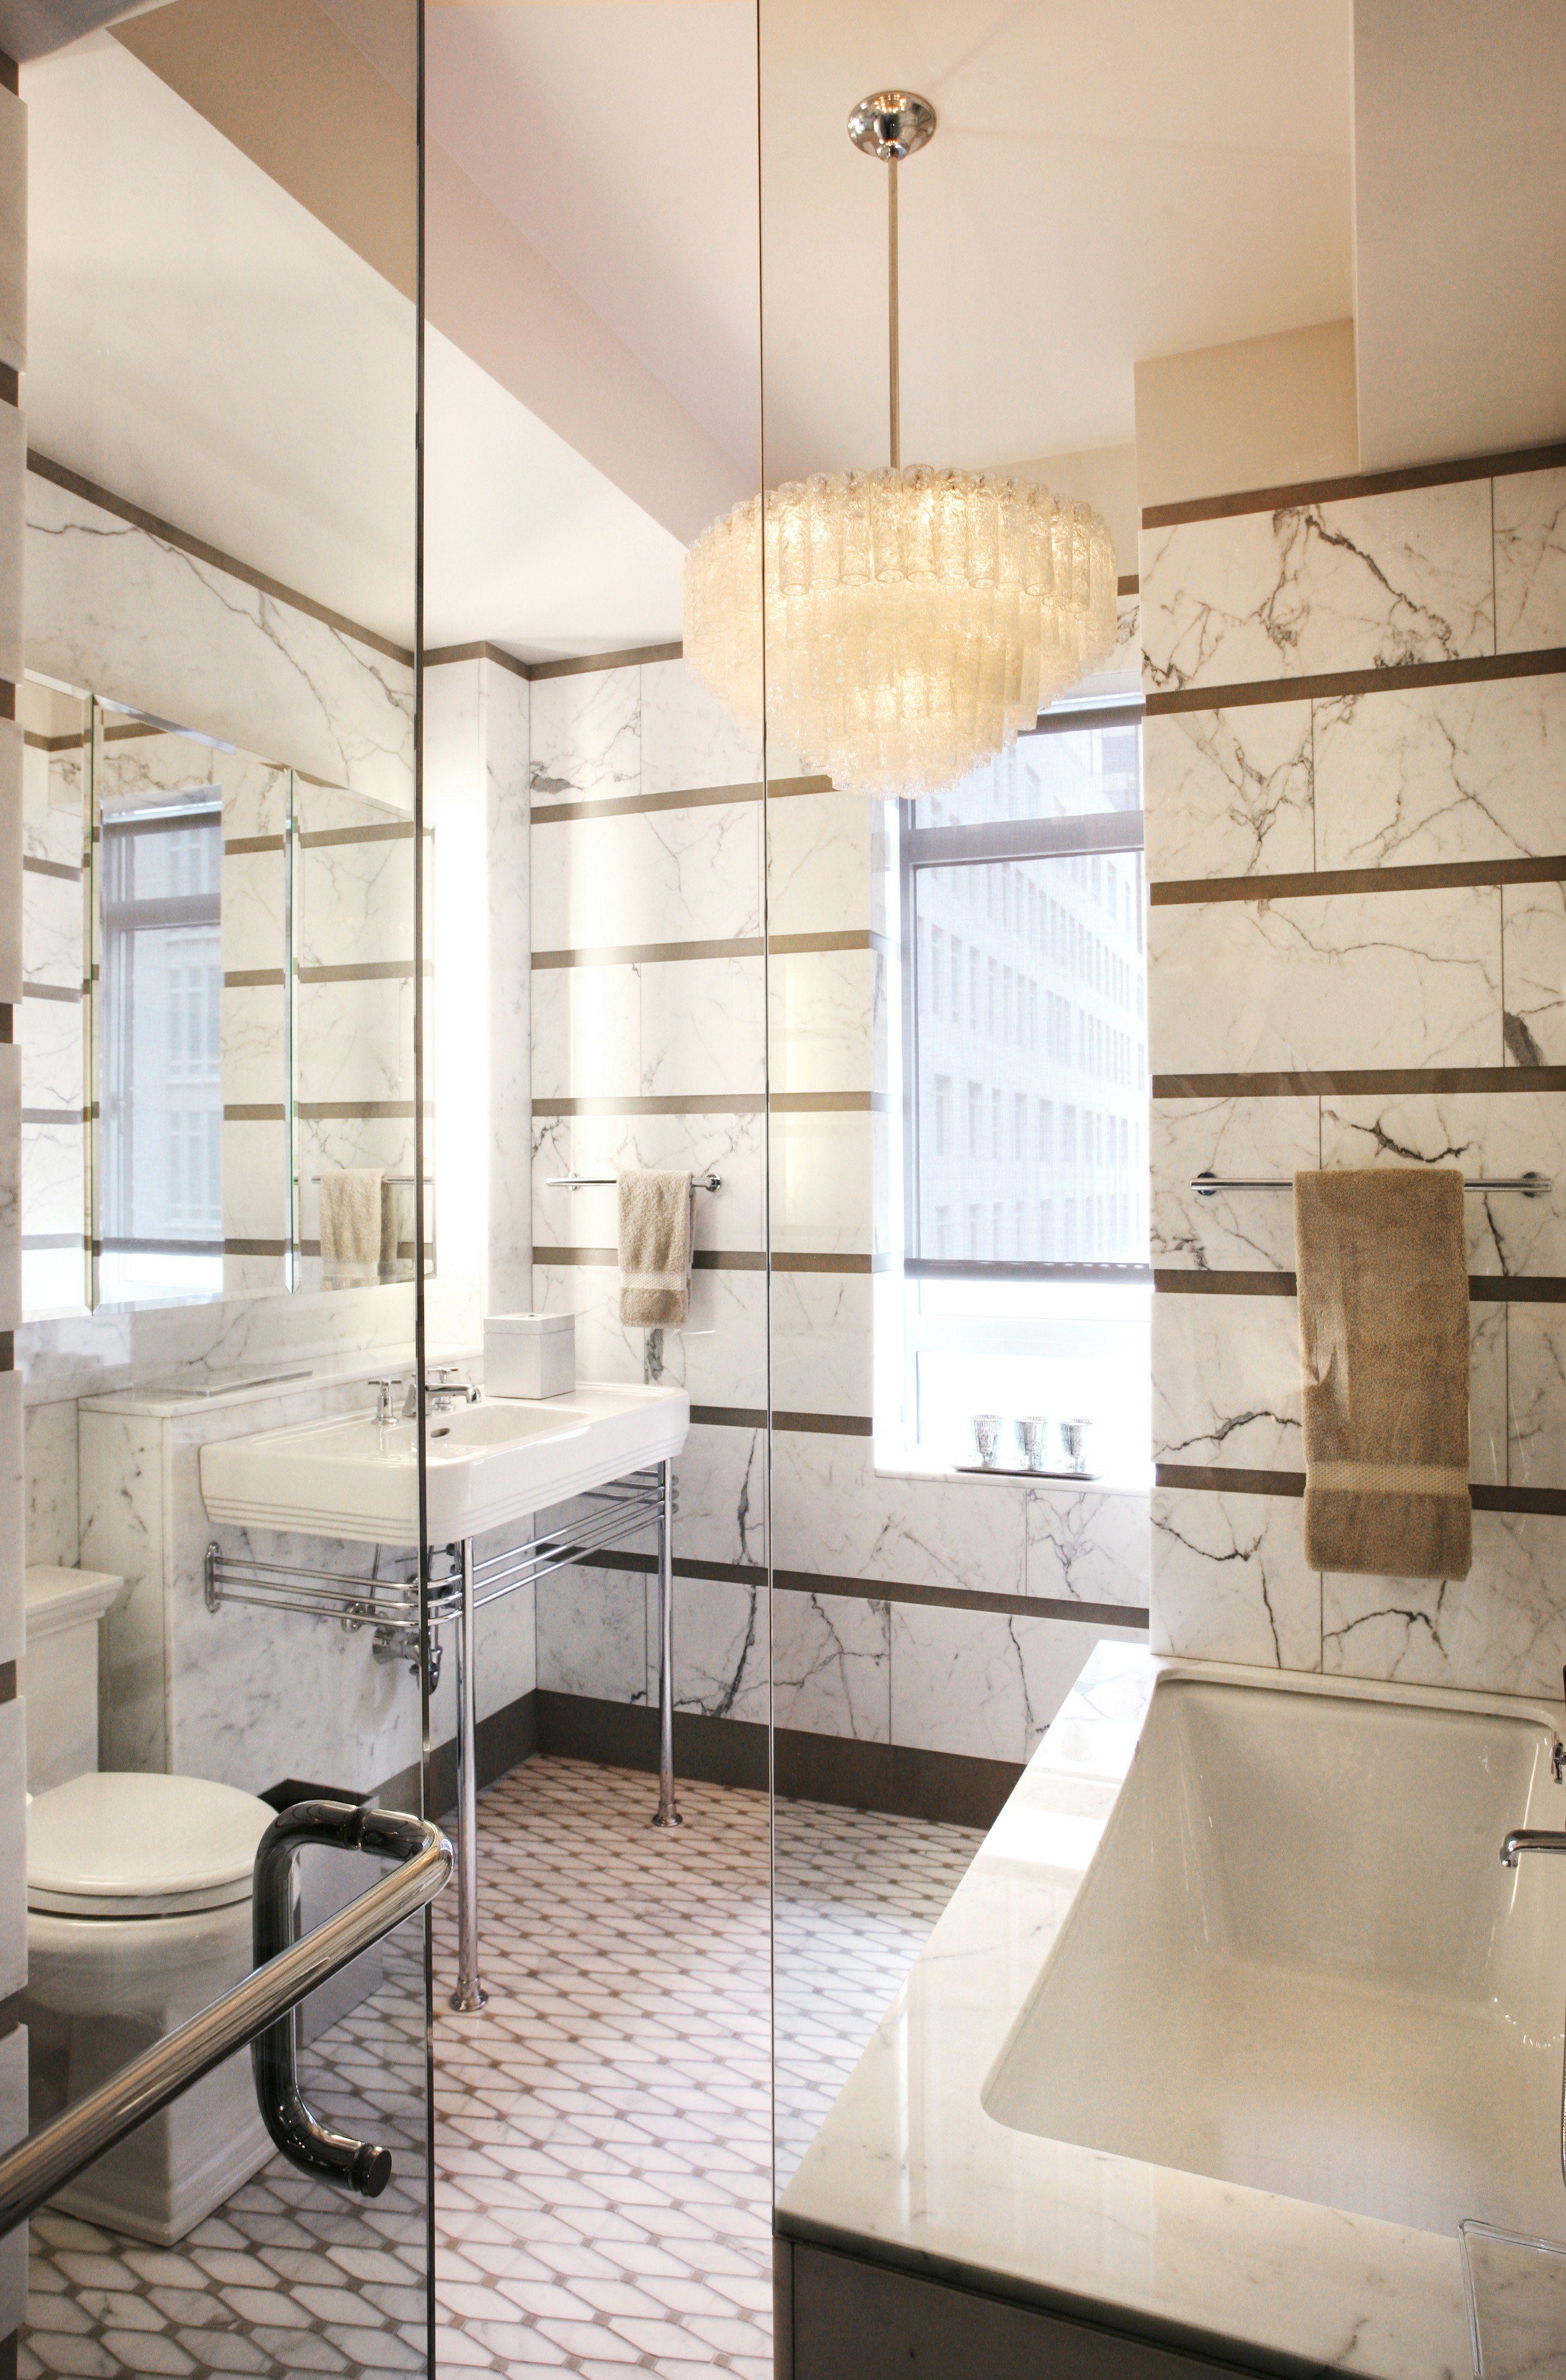 A 1930s NYC Apartment Gets a Crisp and Elegant Bathroom Design ...